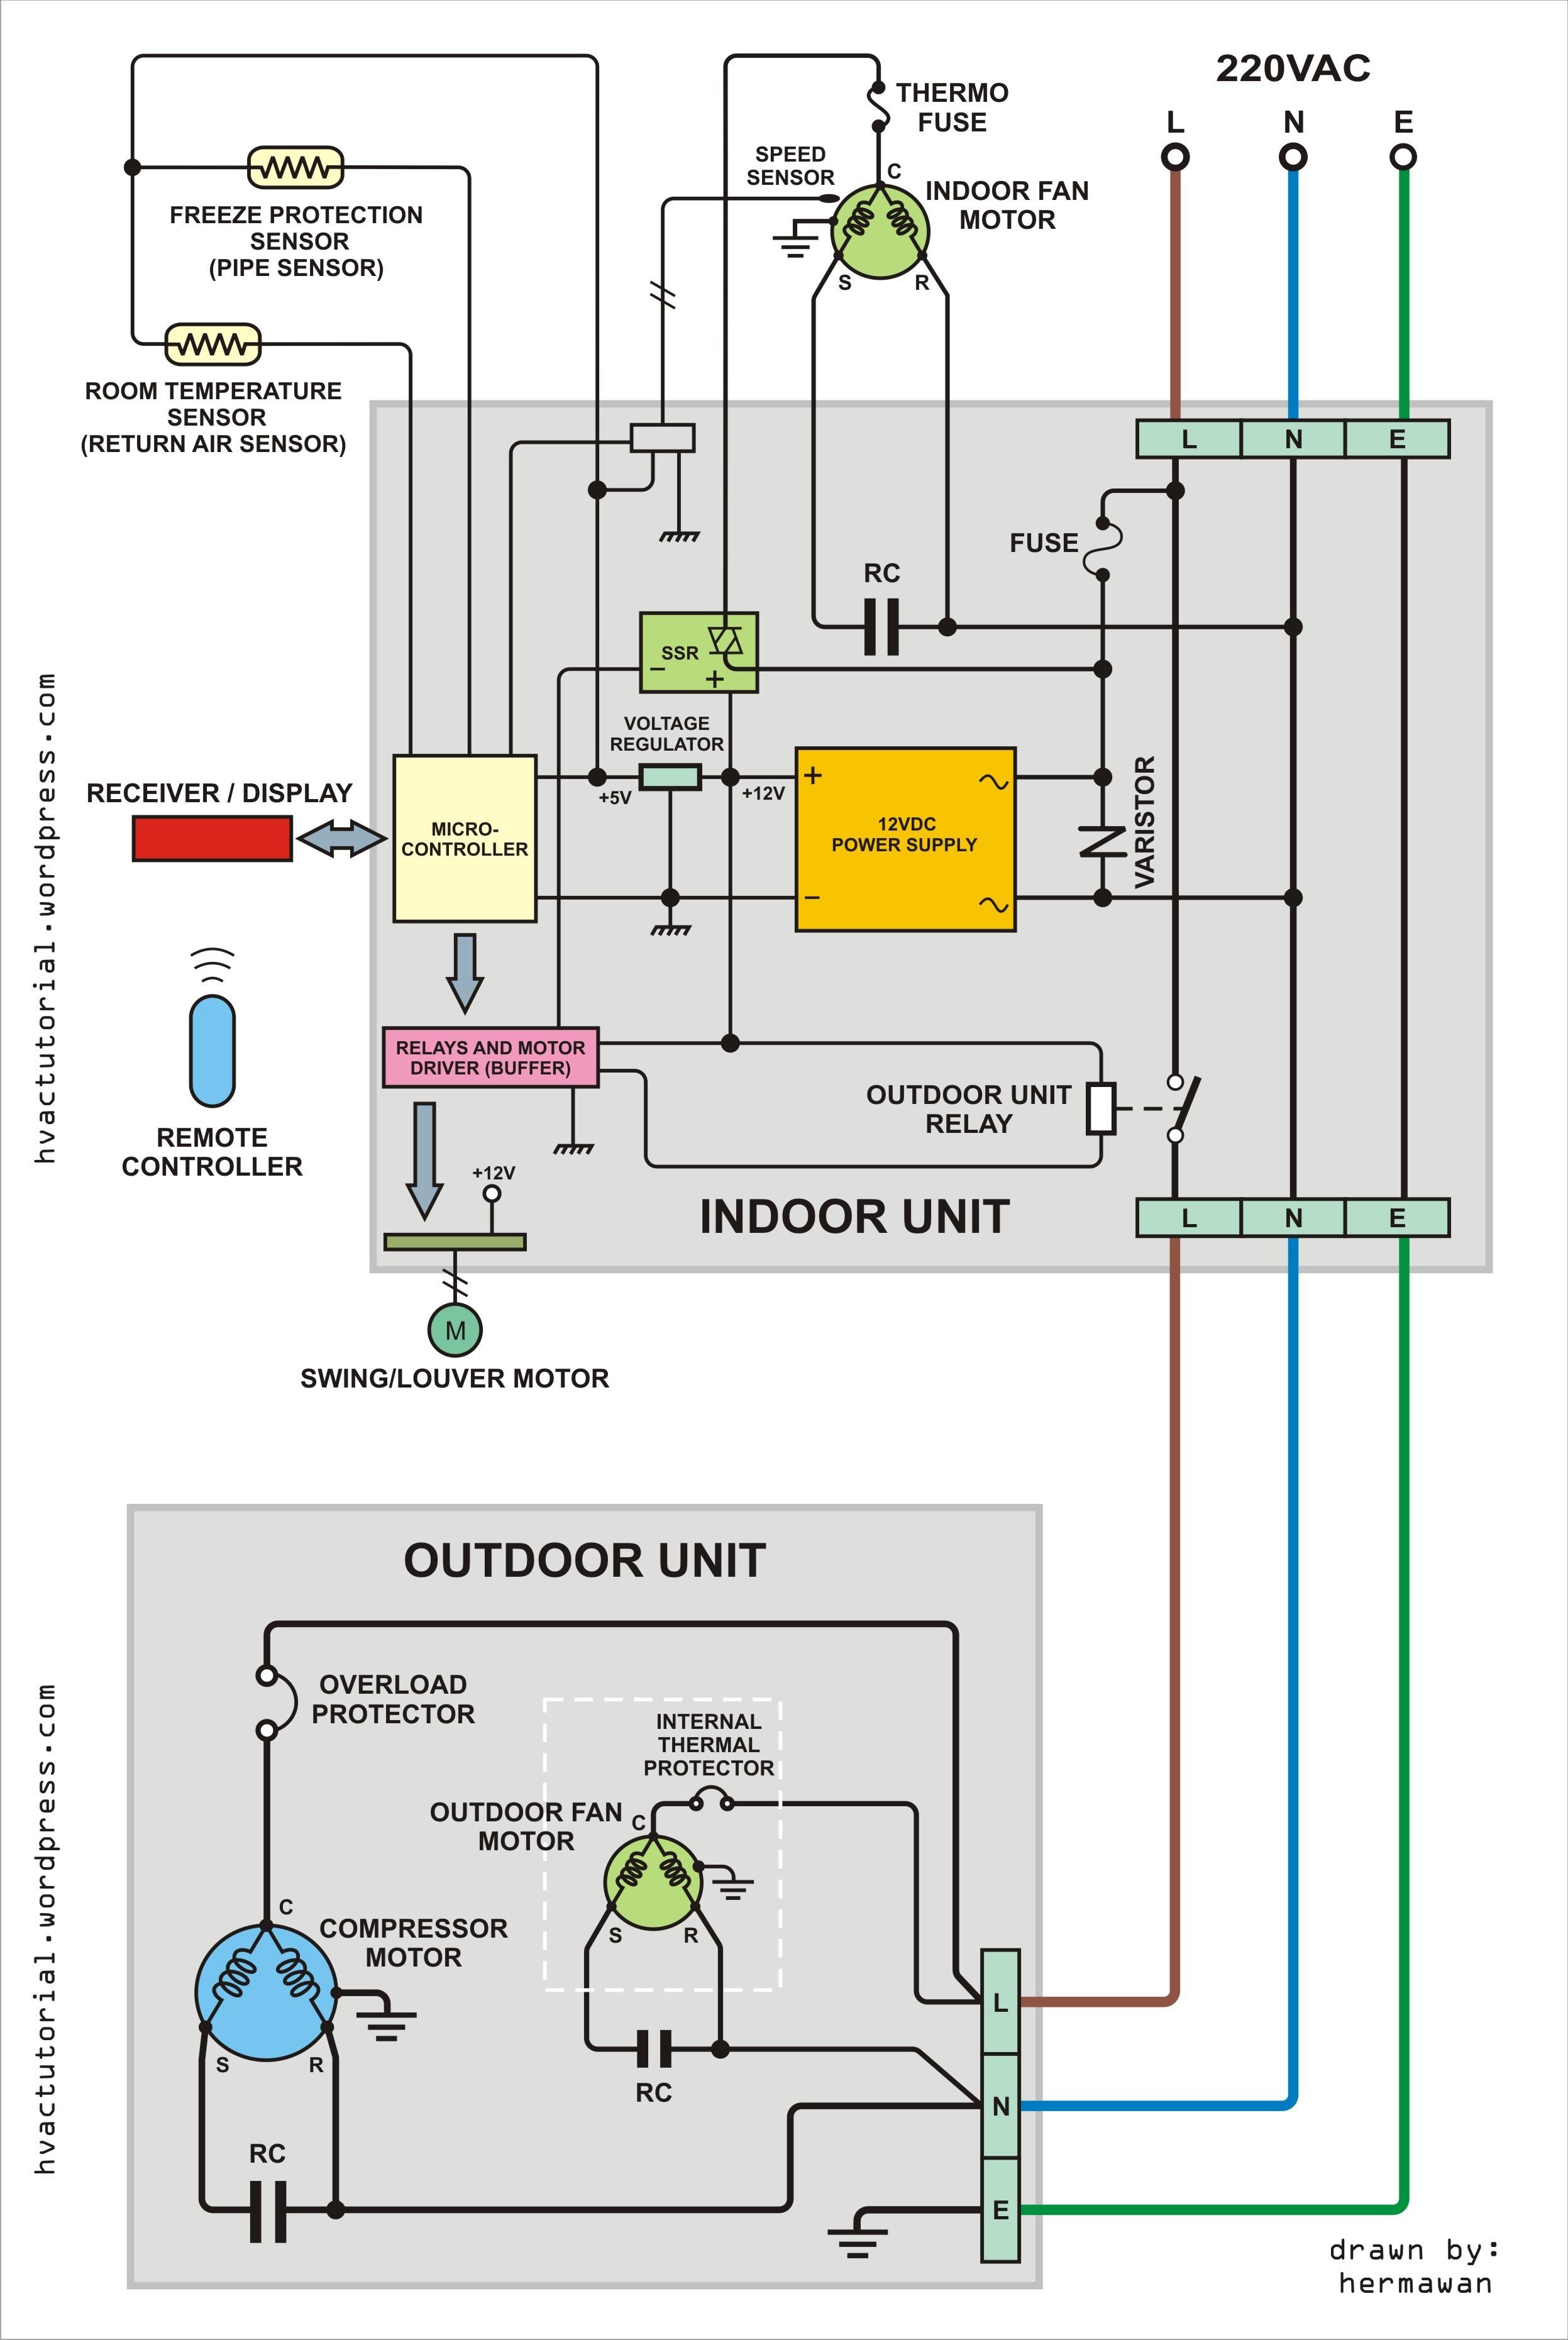 Peterbilt Air System Diagram Diagram] Home Air Conditioner Wiring Diagram Picture Full Of Peterbilt Air System Diagram